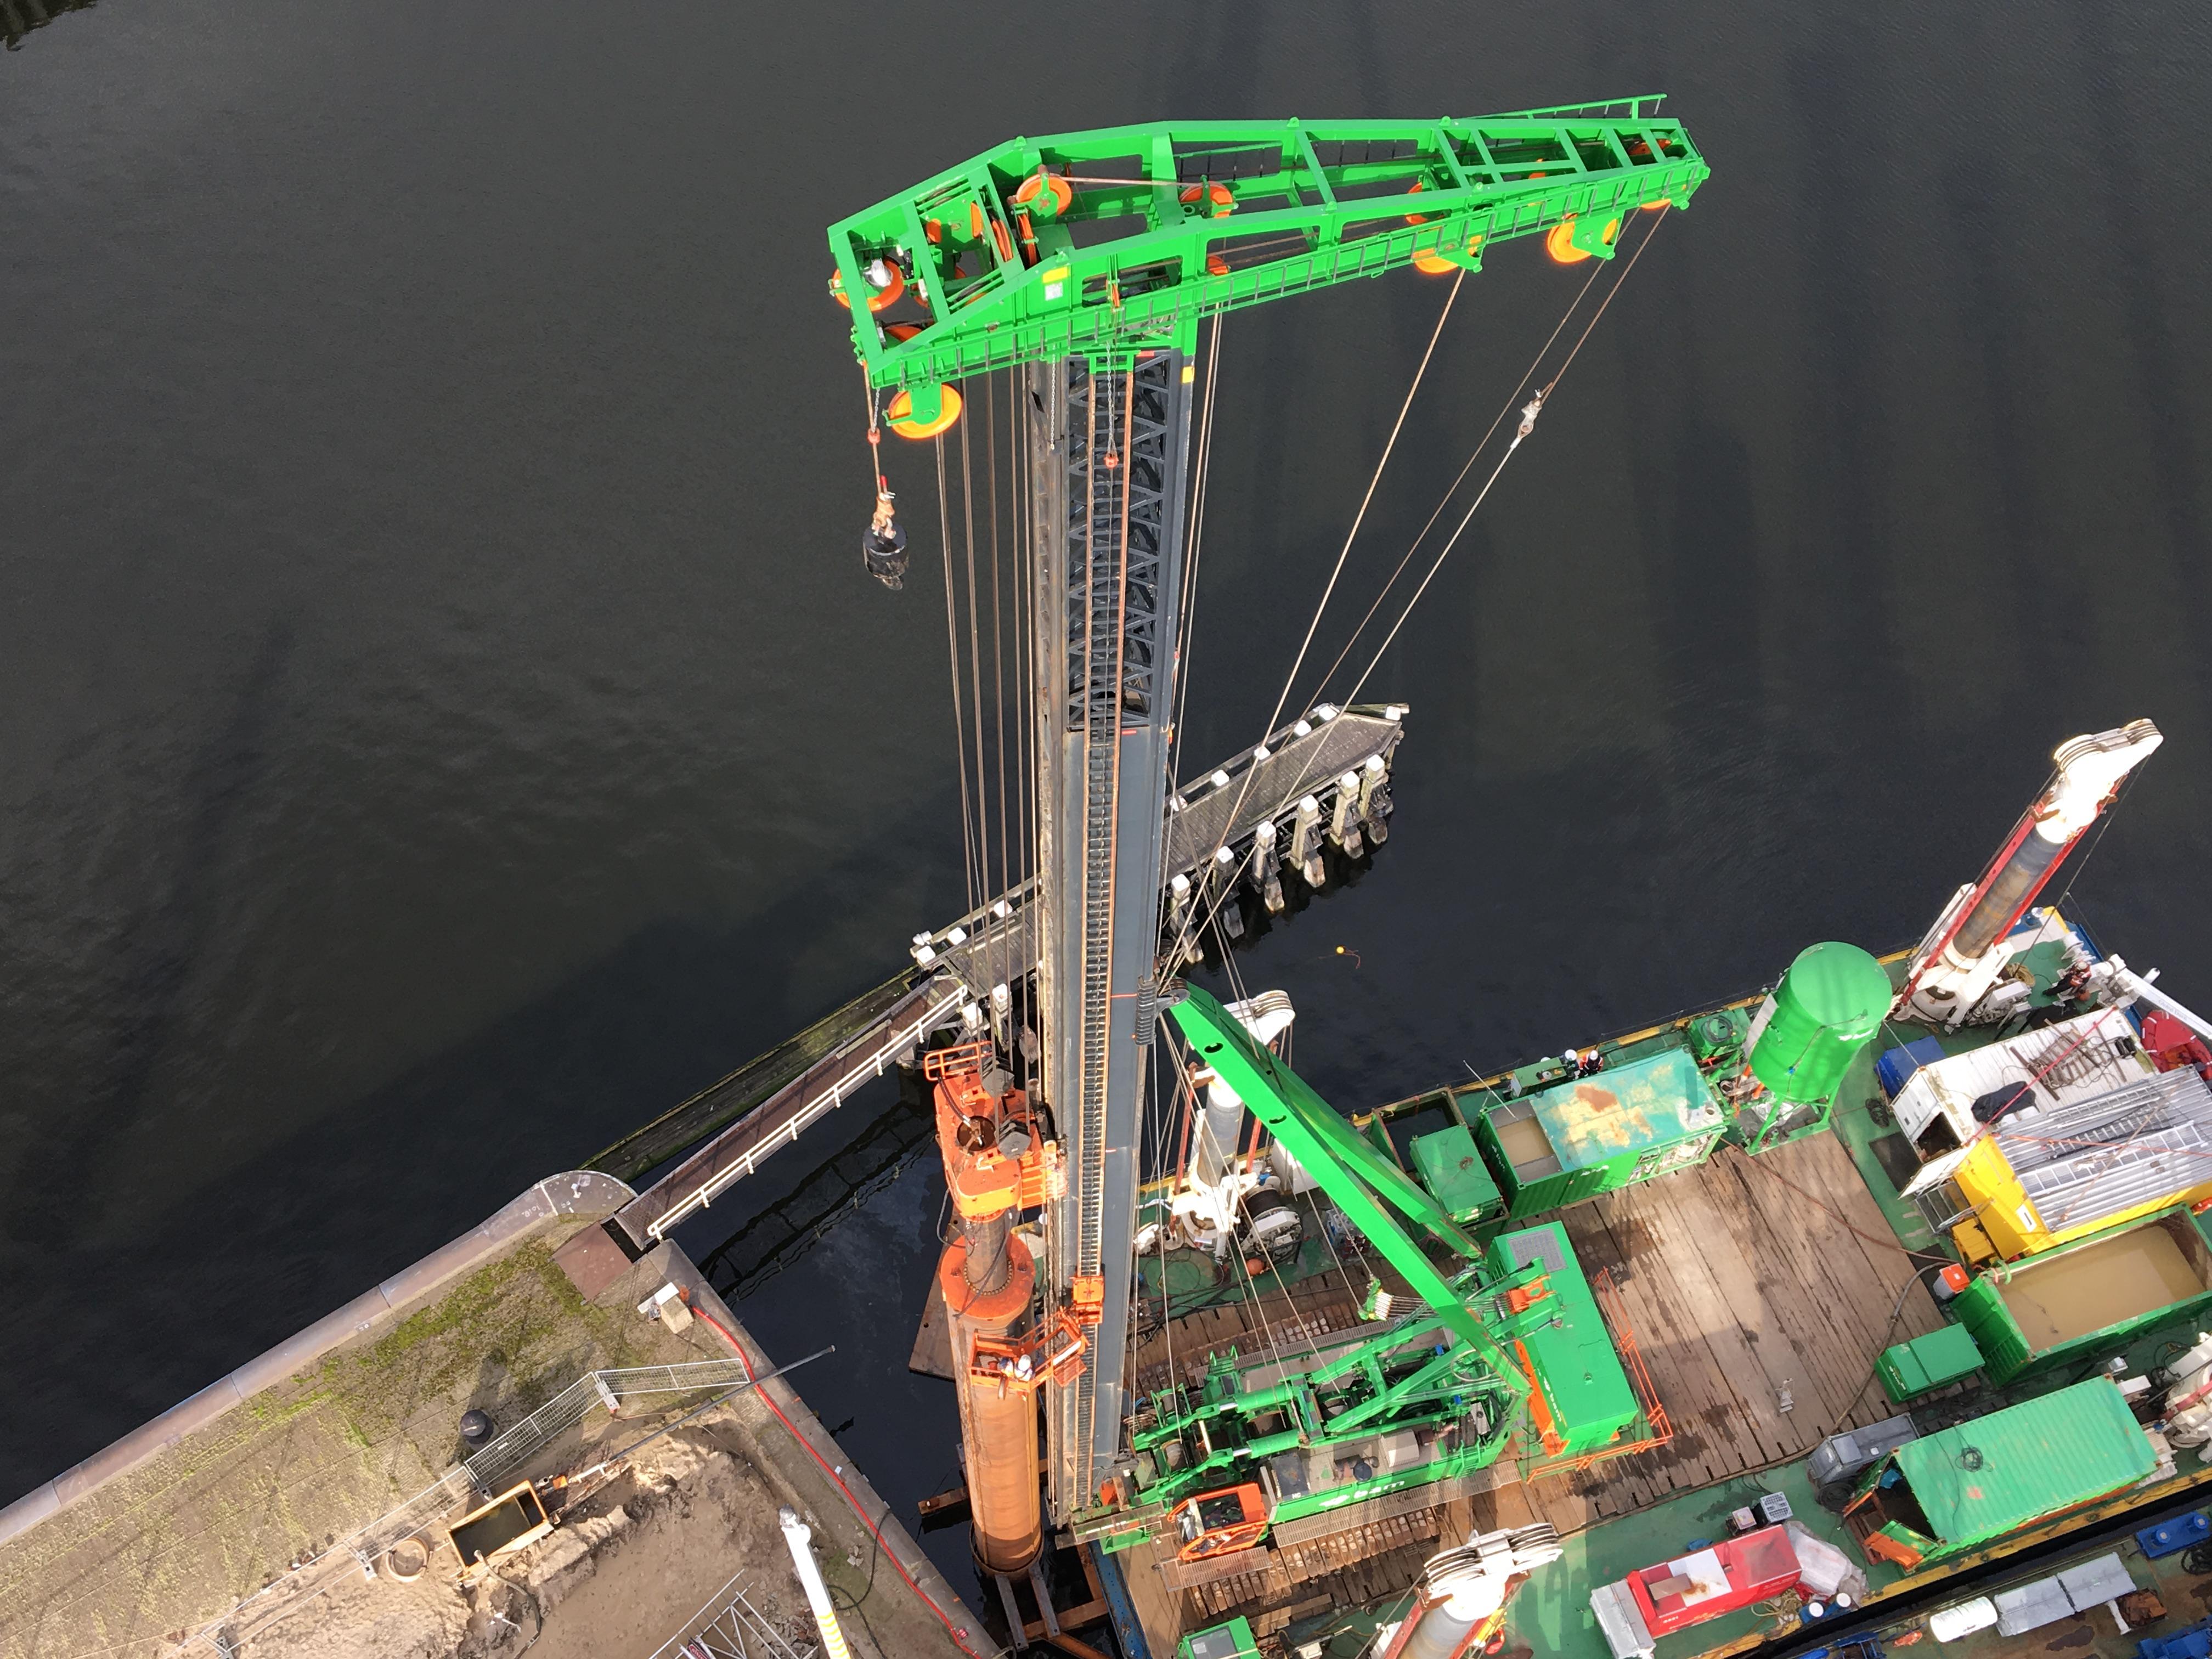 <p>De bouw van de nieuwe zeesluis vraagt om slimme bouwmethoden die zo min mogelijk trillingen veroorzaken. Elf buispalen worden tot -38 meter geboord, de overige buispalen worden de bodem ingetrild. (Foto: Roel Schoonderwoerd)</p>